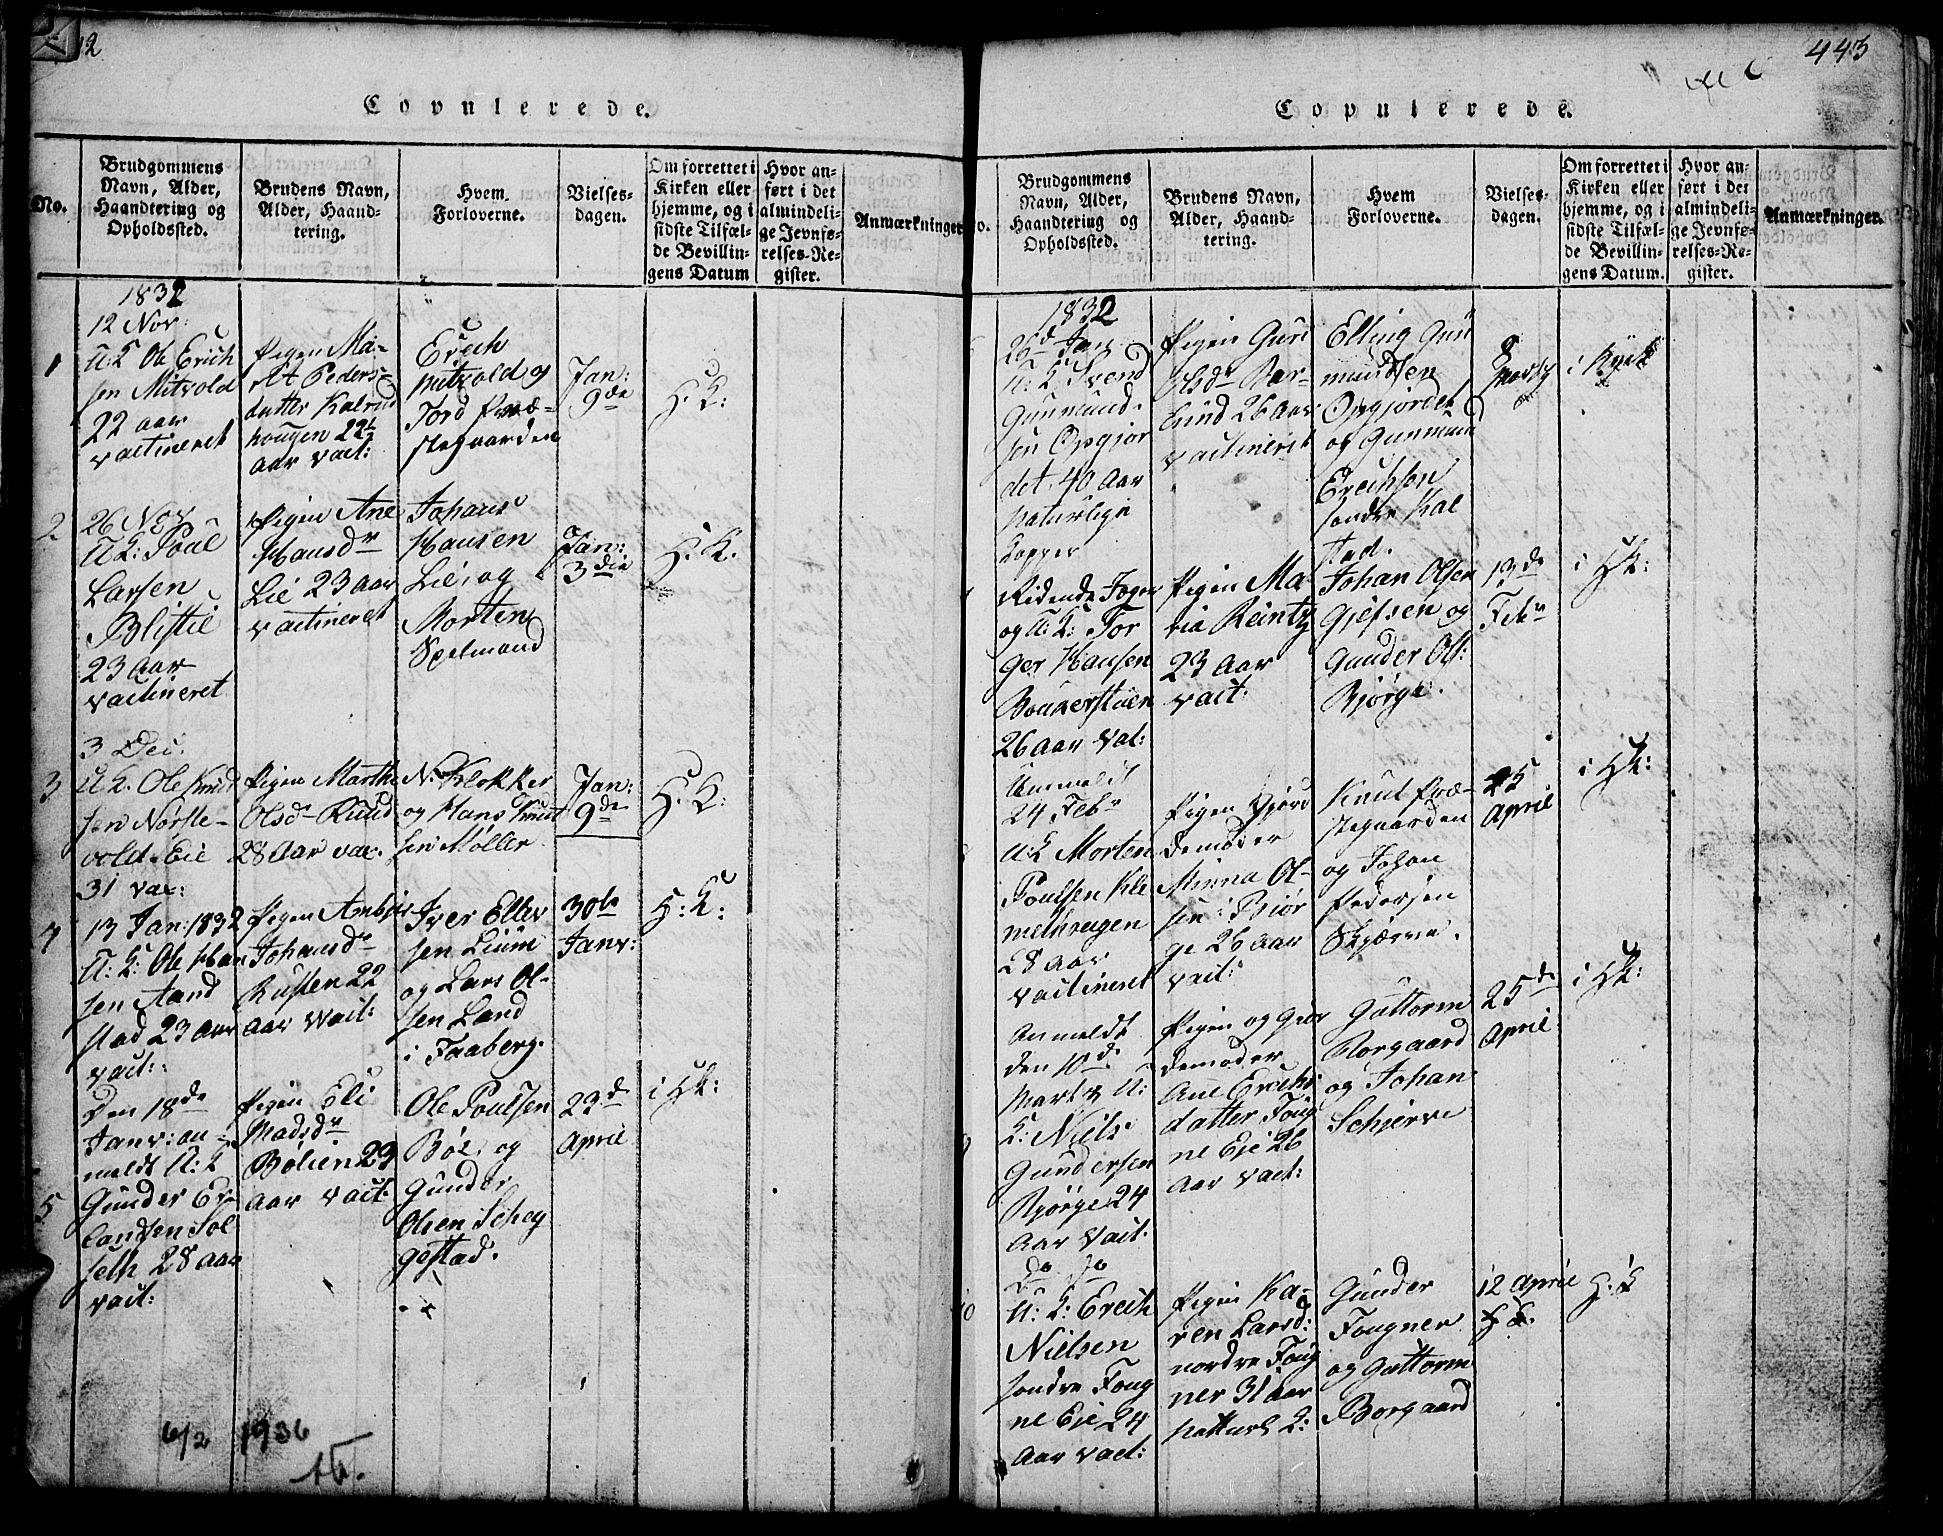 SAH, Gausdal prestekontor, Klokkerbok nr. 1, 1817-1848, s. 442-443